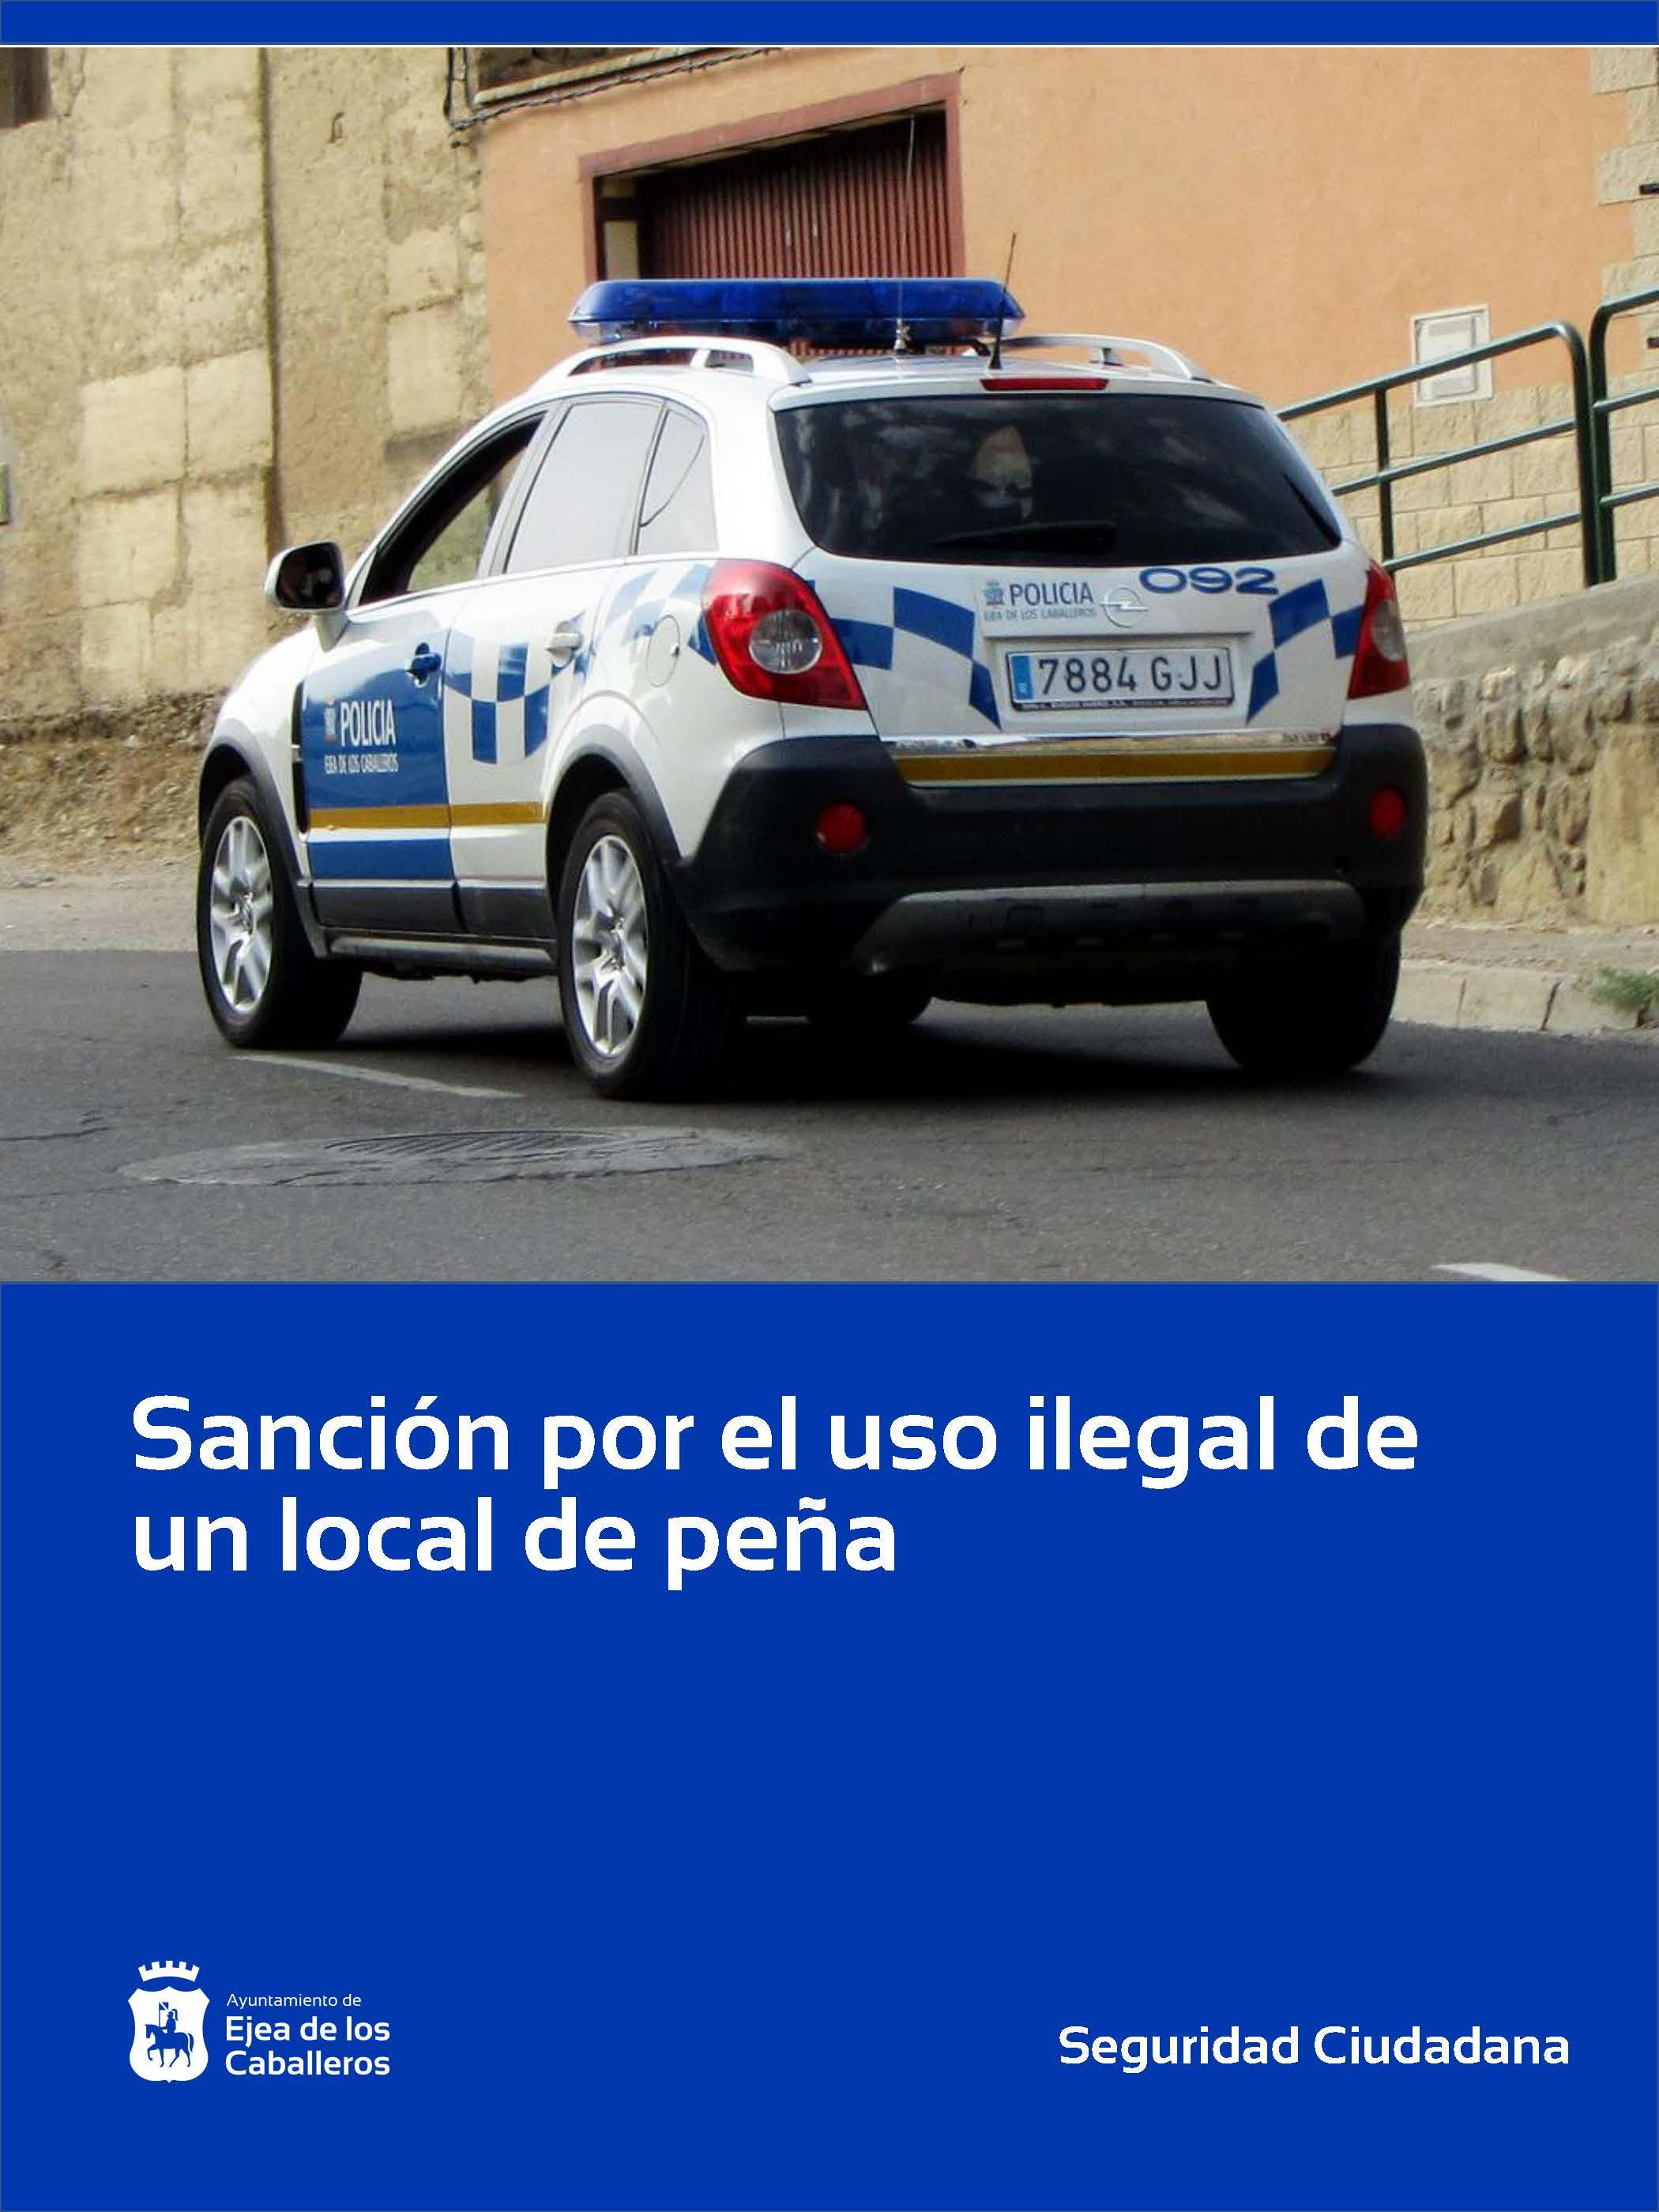 Sanción por el uso ilegal de un local de peña en Ejea de los Caballeros